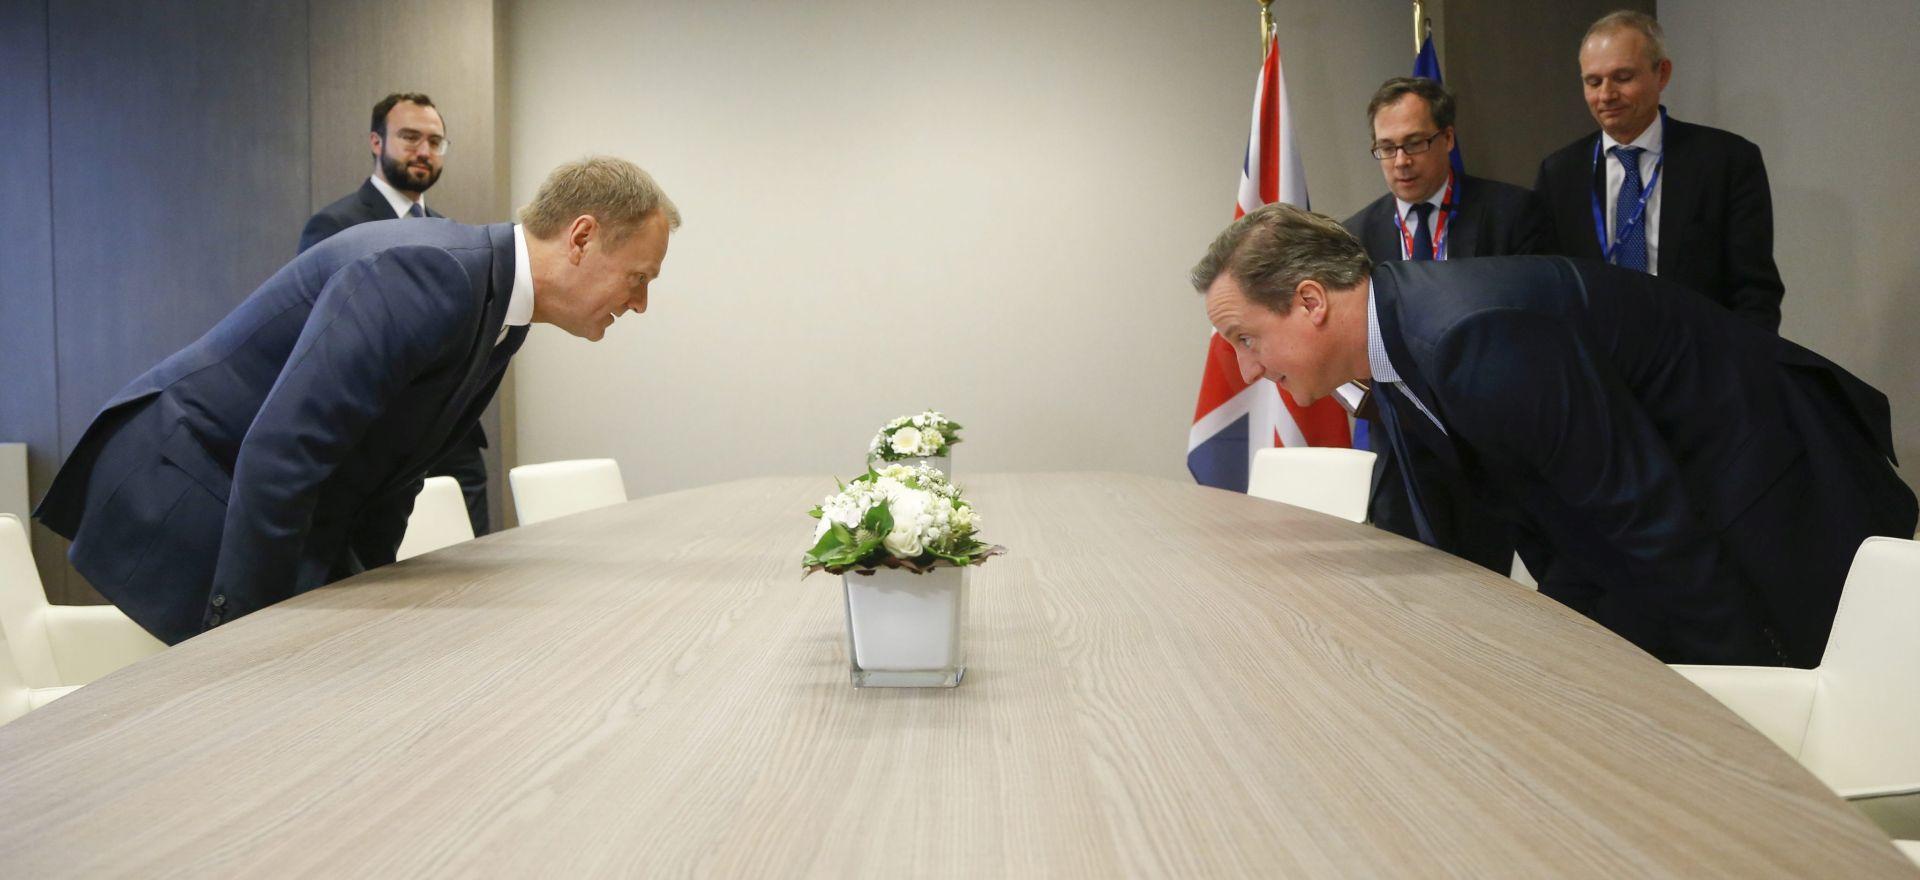 BREXIT Otvorena pitanja o budućim odnosima s Velikom Britanijom i dalje na stolu